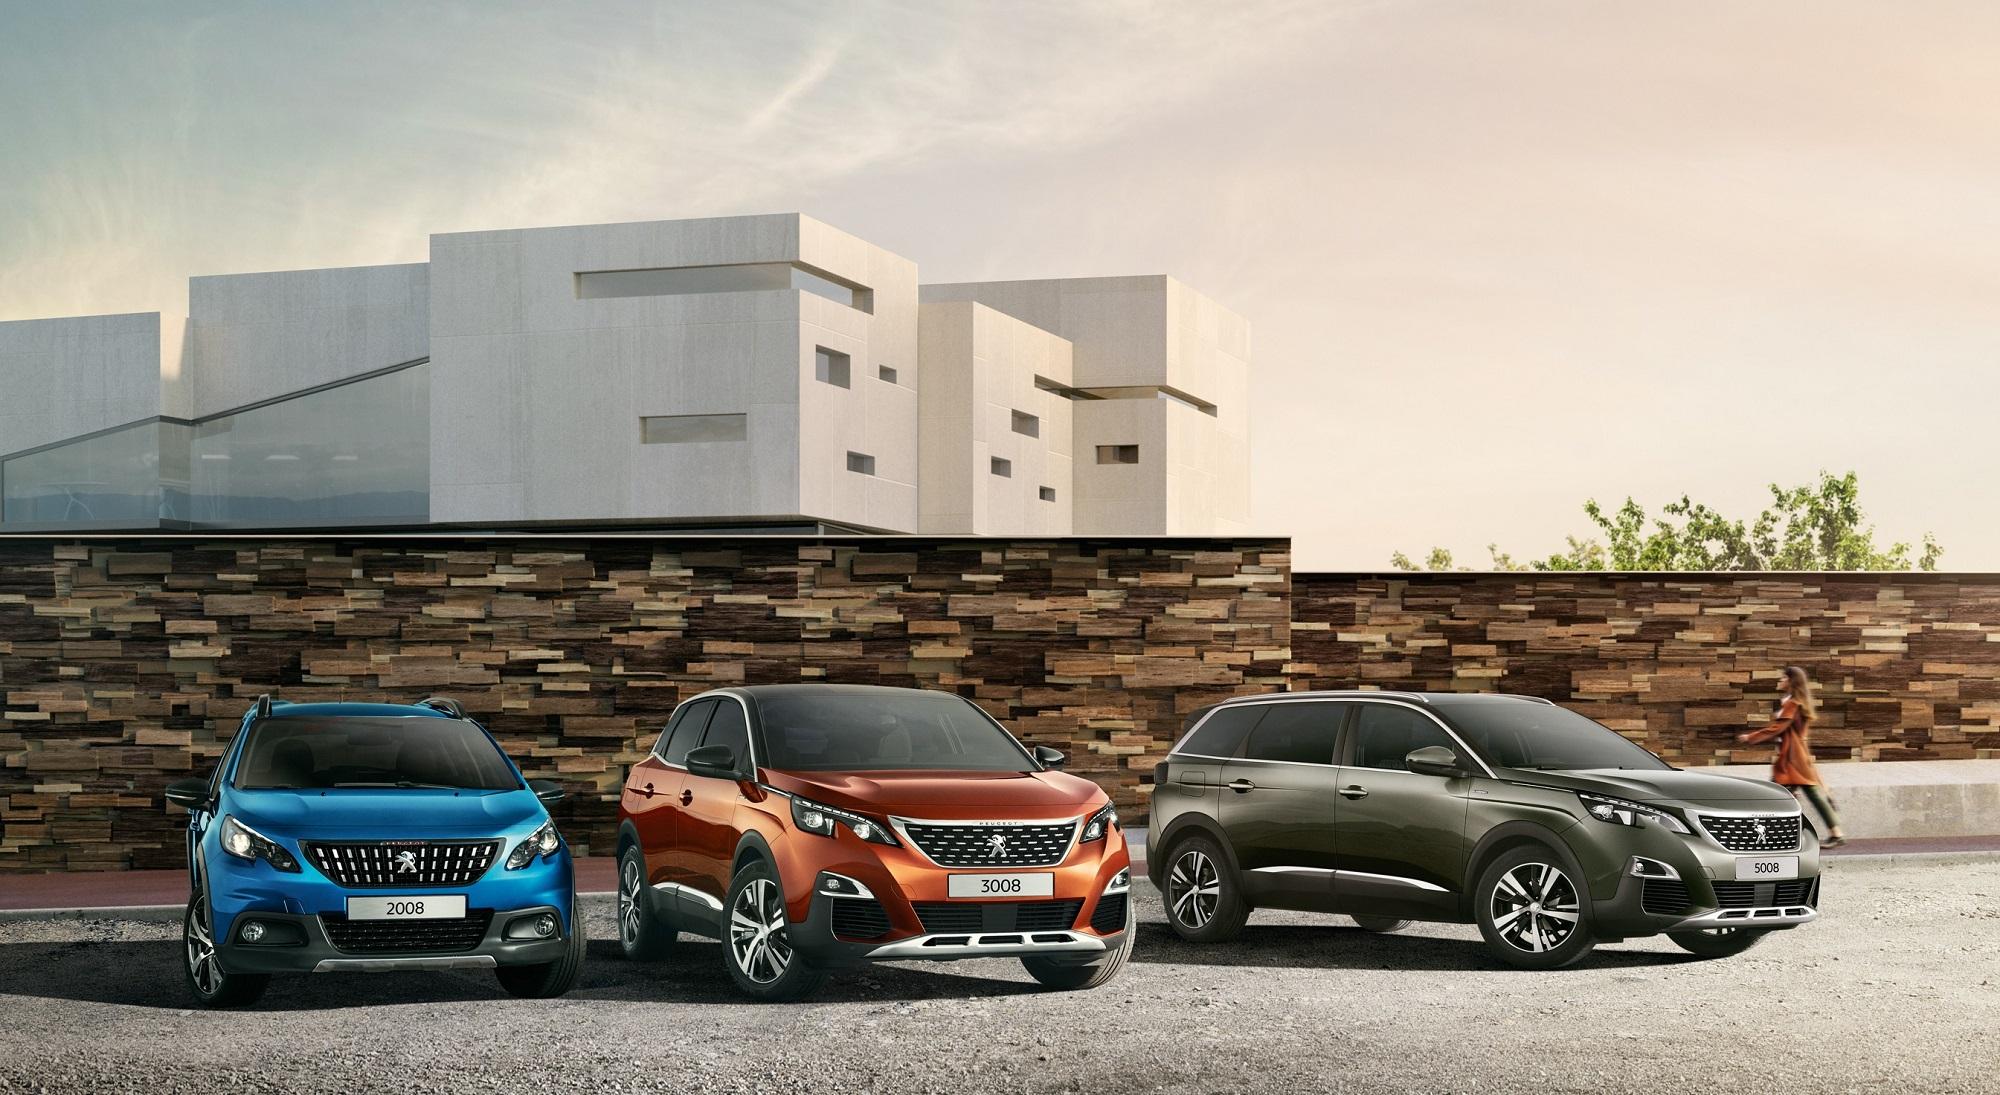 Peugeot_SUV Range_01